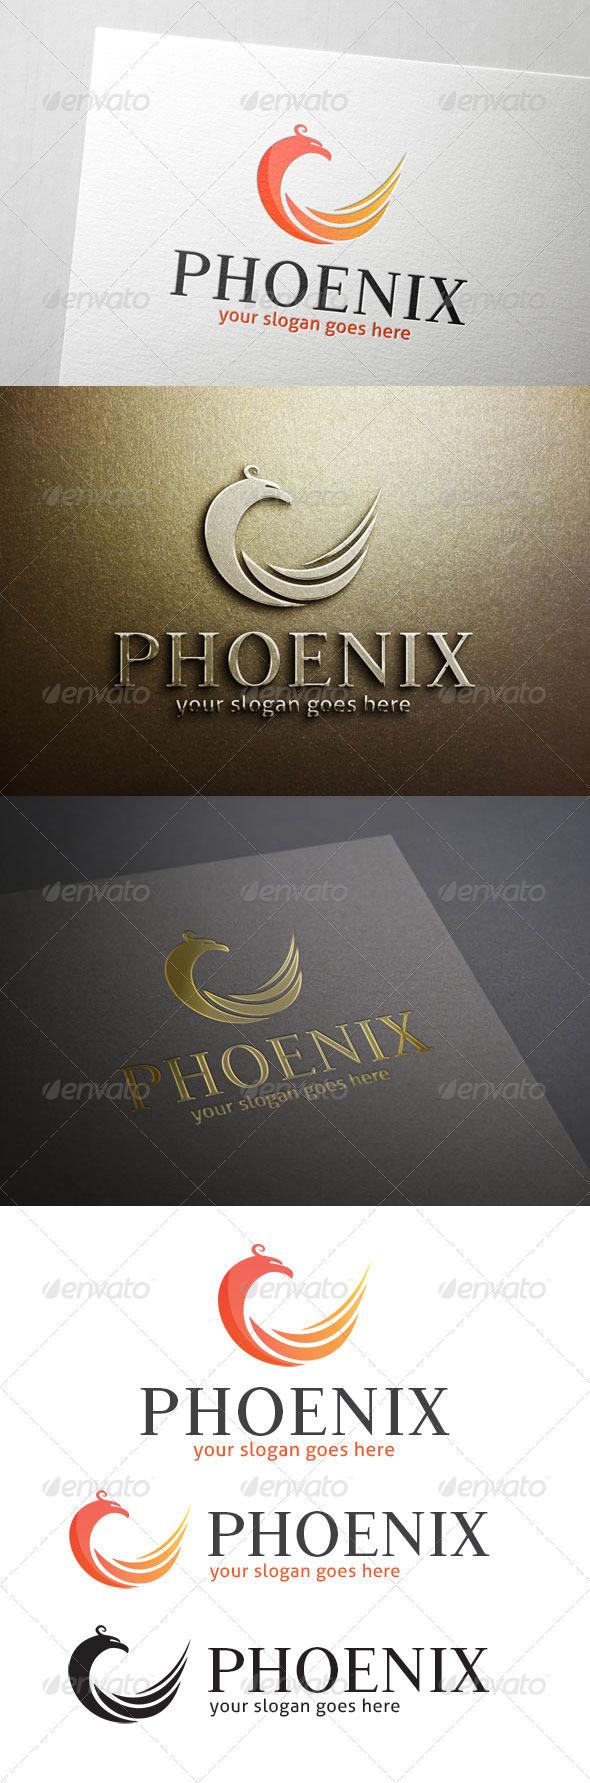 GraphicRiver Phoenix Logo 7093879